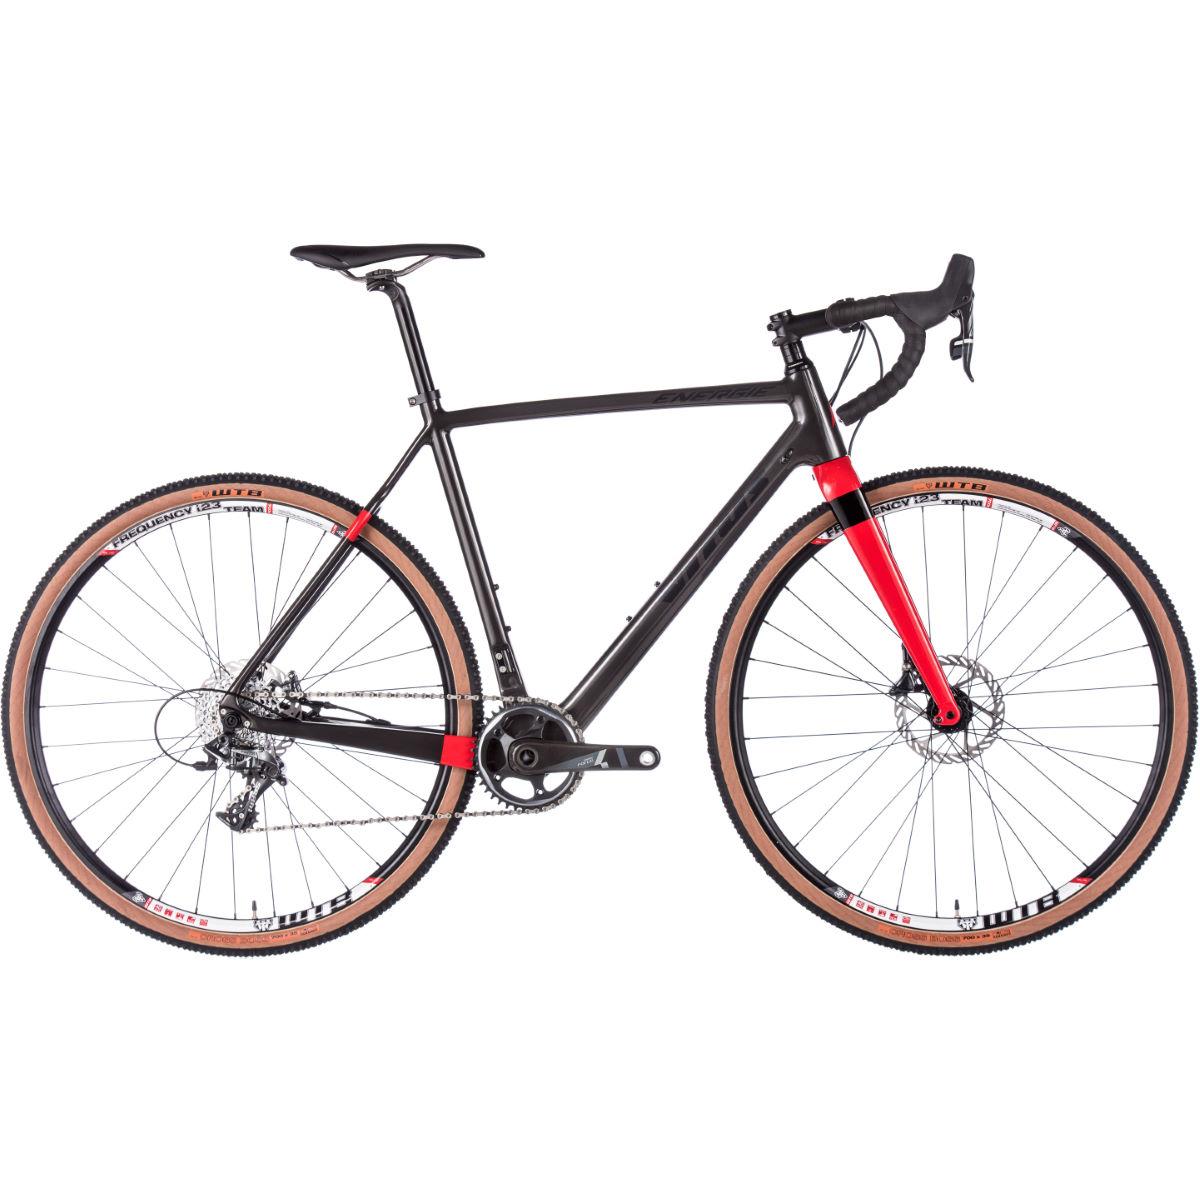 Vitus Bikes Energie Carbon CRX CX Force 1x11 Bikes